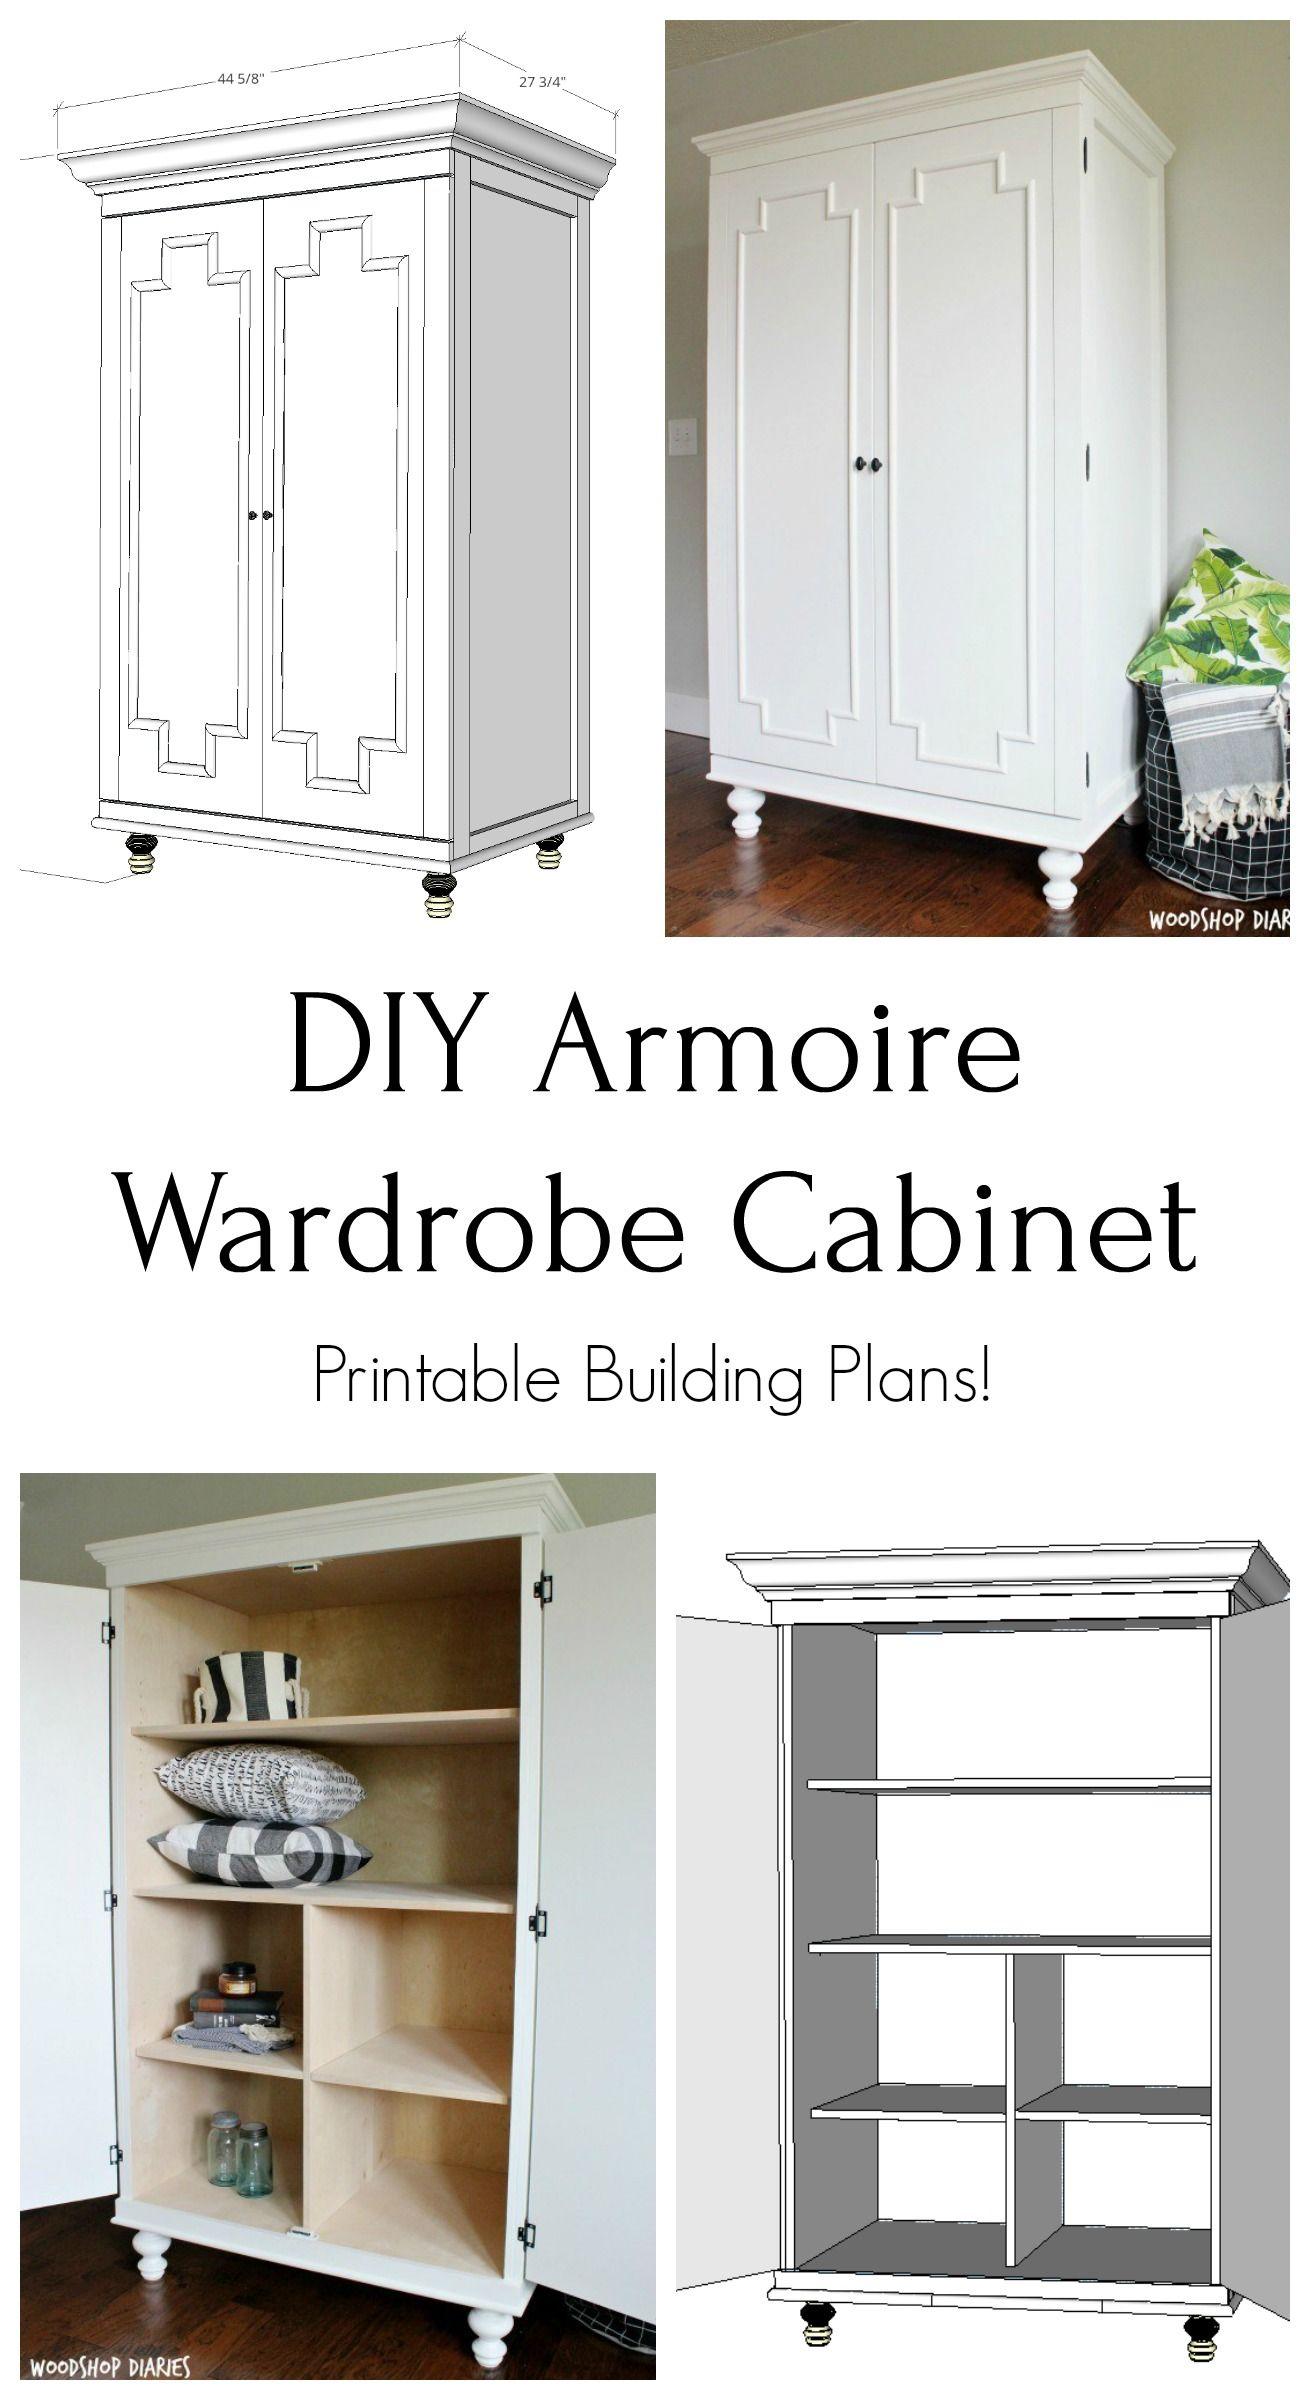 Diy Armoire Cabinet Building Plans Armoire Furniture Plans Wardrobe Cabinets Diy Furniture Building